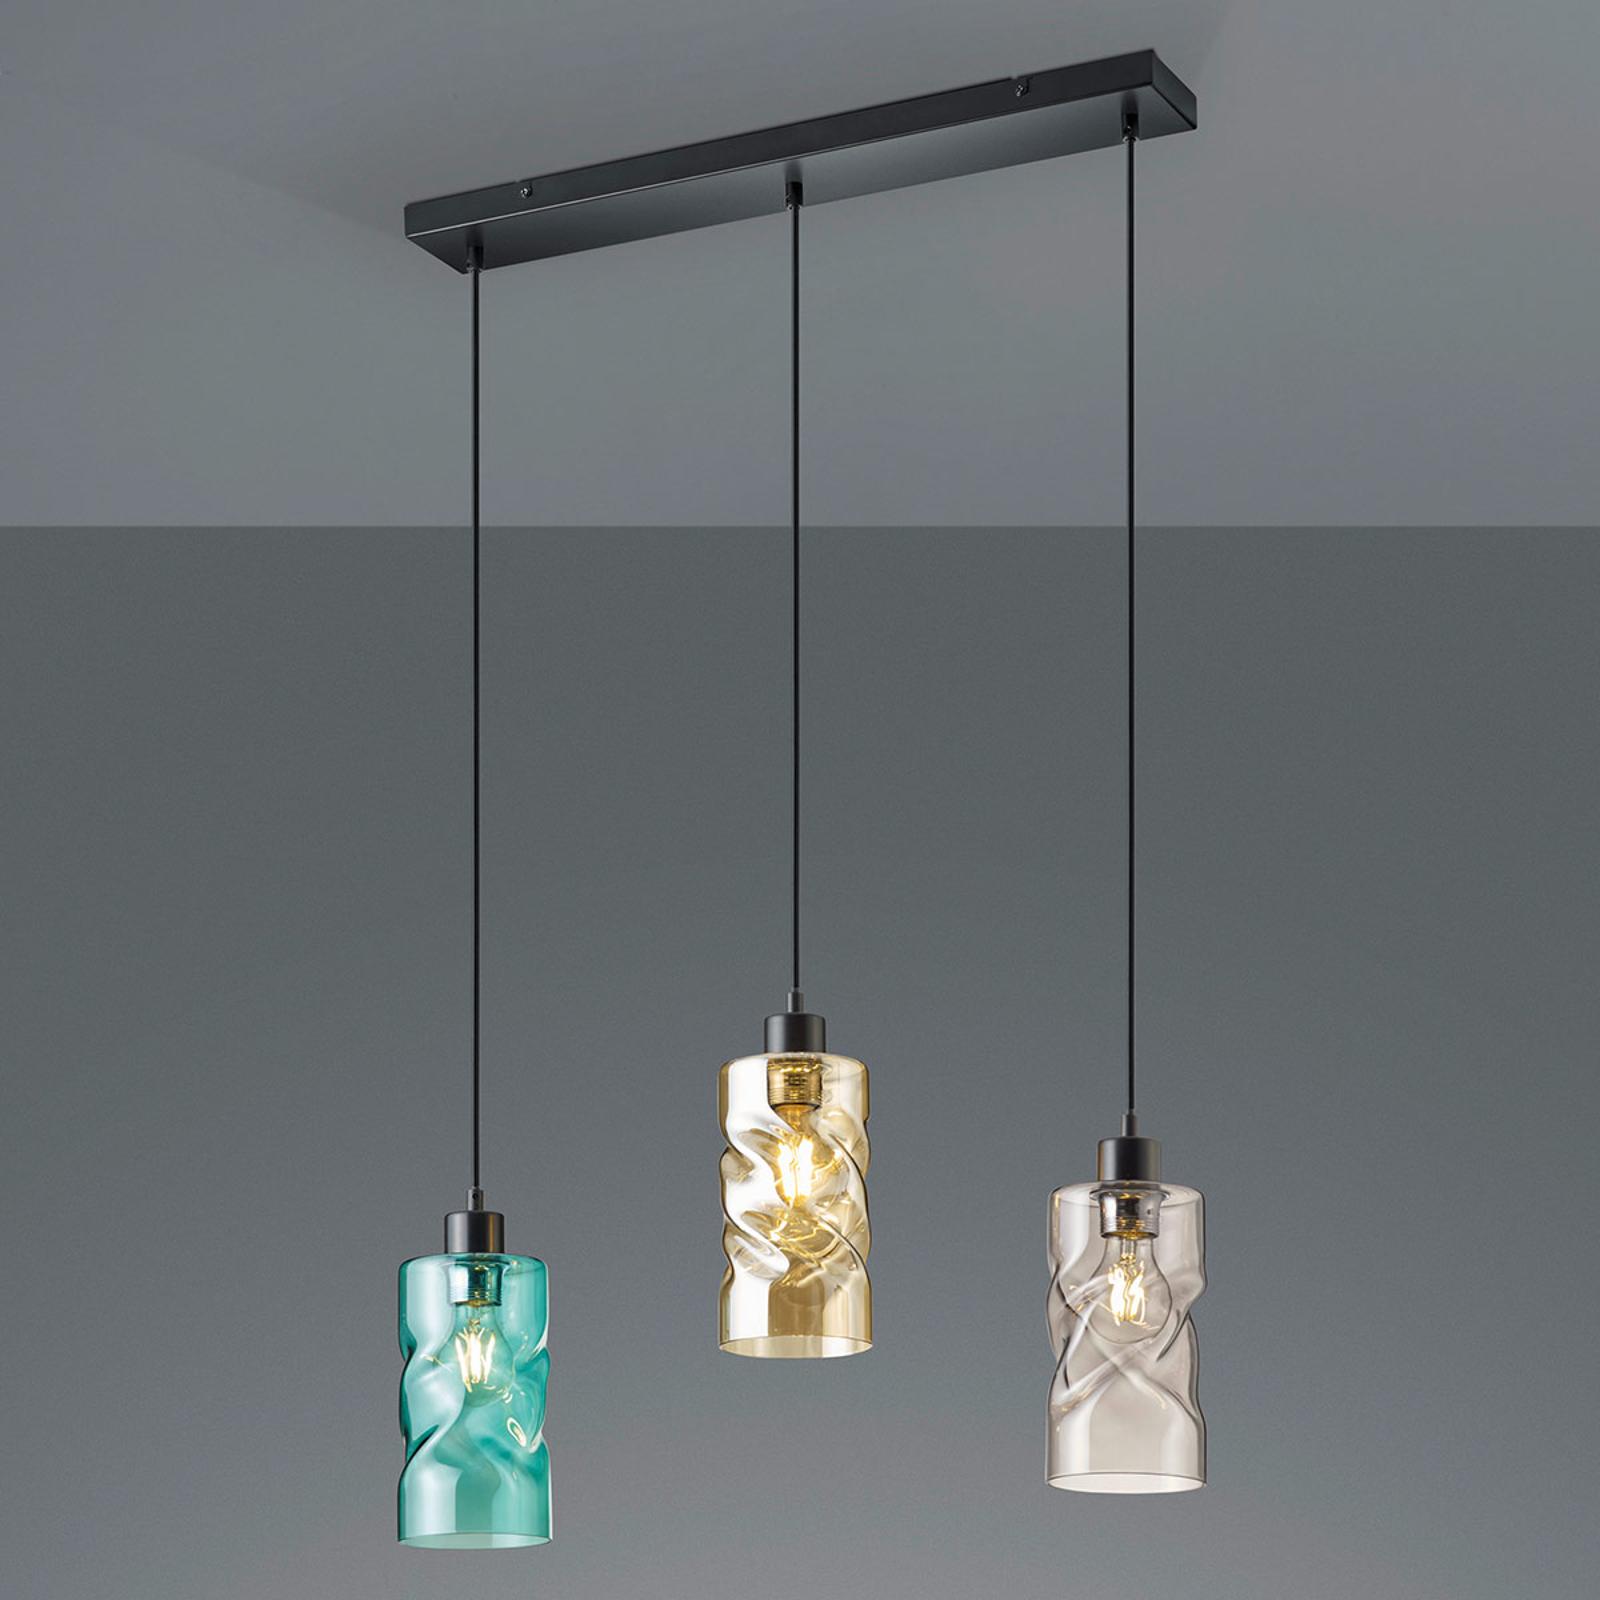 Balk hanglamp Swirl met glazen kappen, 3-lamps